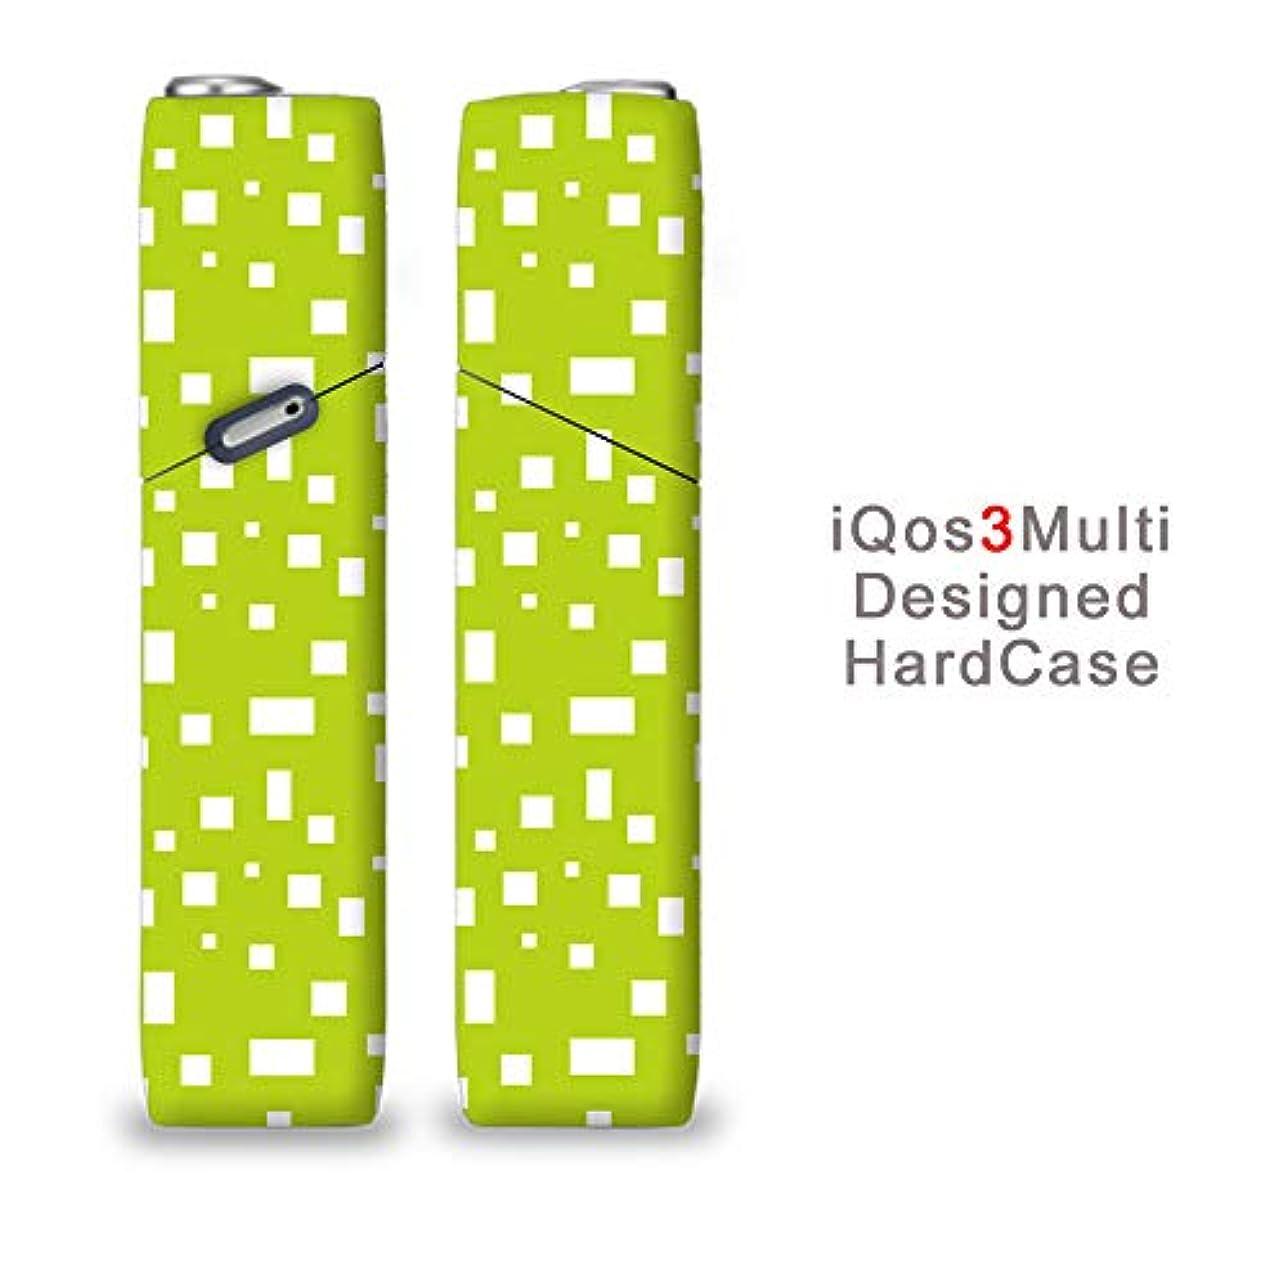 完全国内受注生産 iQOS3マルチ用 アイコス3マルチ用 熱転写全面印刷 テクスチャー グリーン 加熱式タバコ 電子タバコ 禁煙サポート アクセサリー プラスティックケース ハードケース 日本製